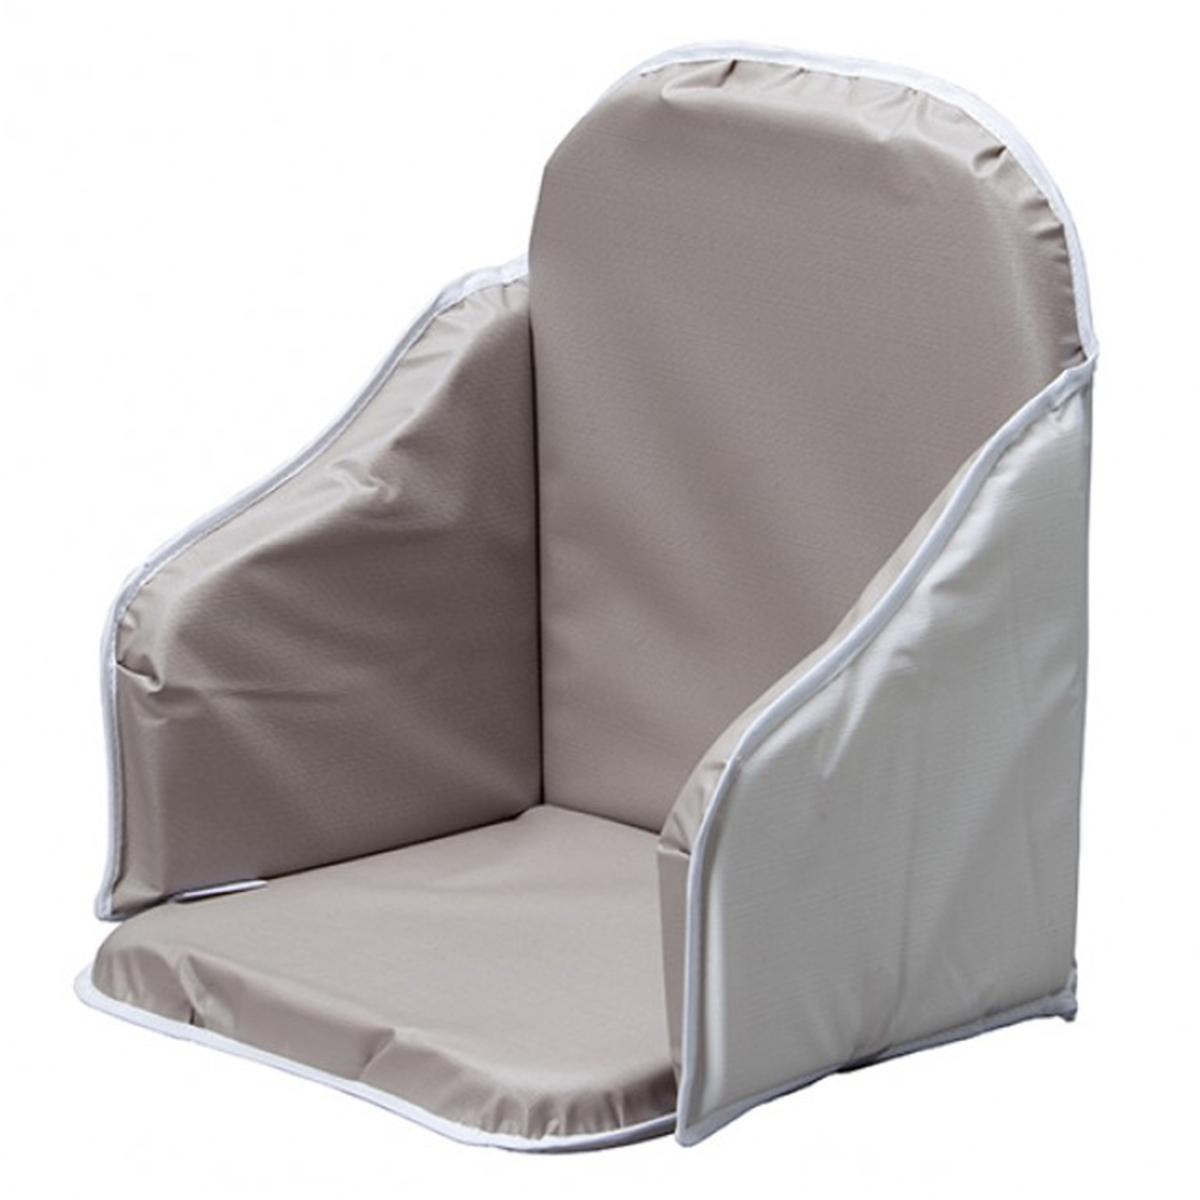 Chaise haute Coussin de Chaise Haute - Taupe Coussin de Chaise Haute - Taupe